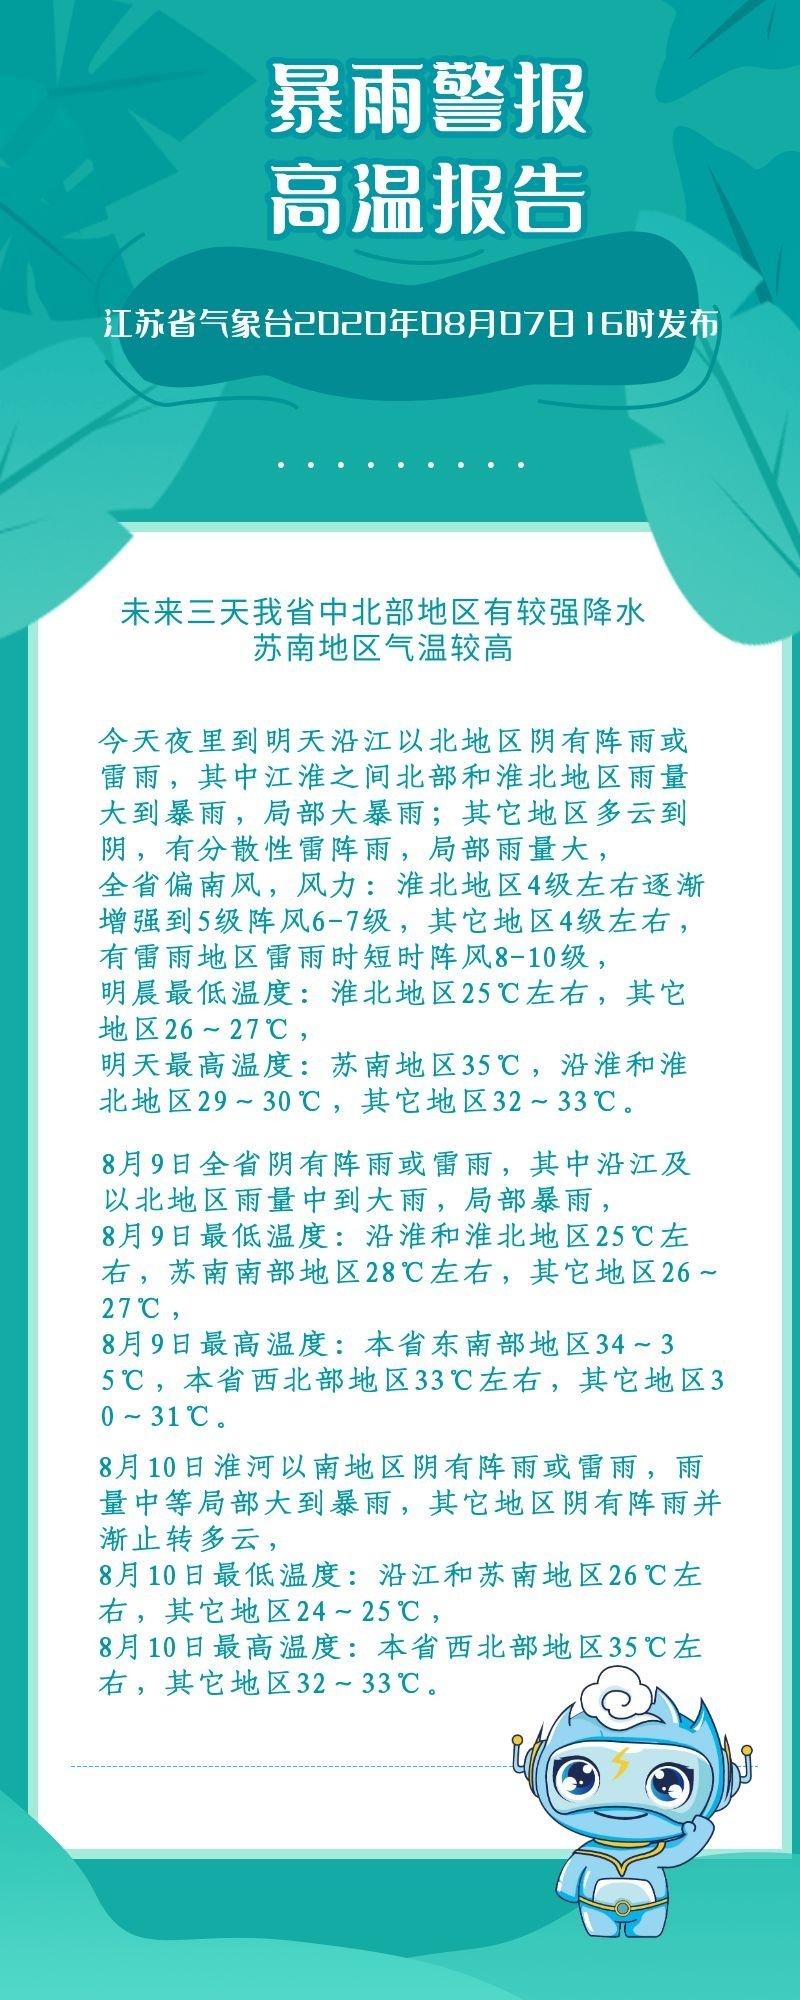 暴雨警报|未来三天江苏中北部地区有强降水,苏南有高温